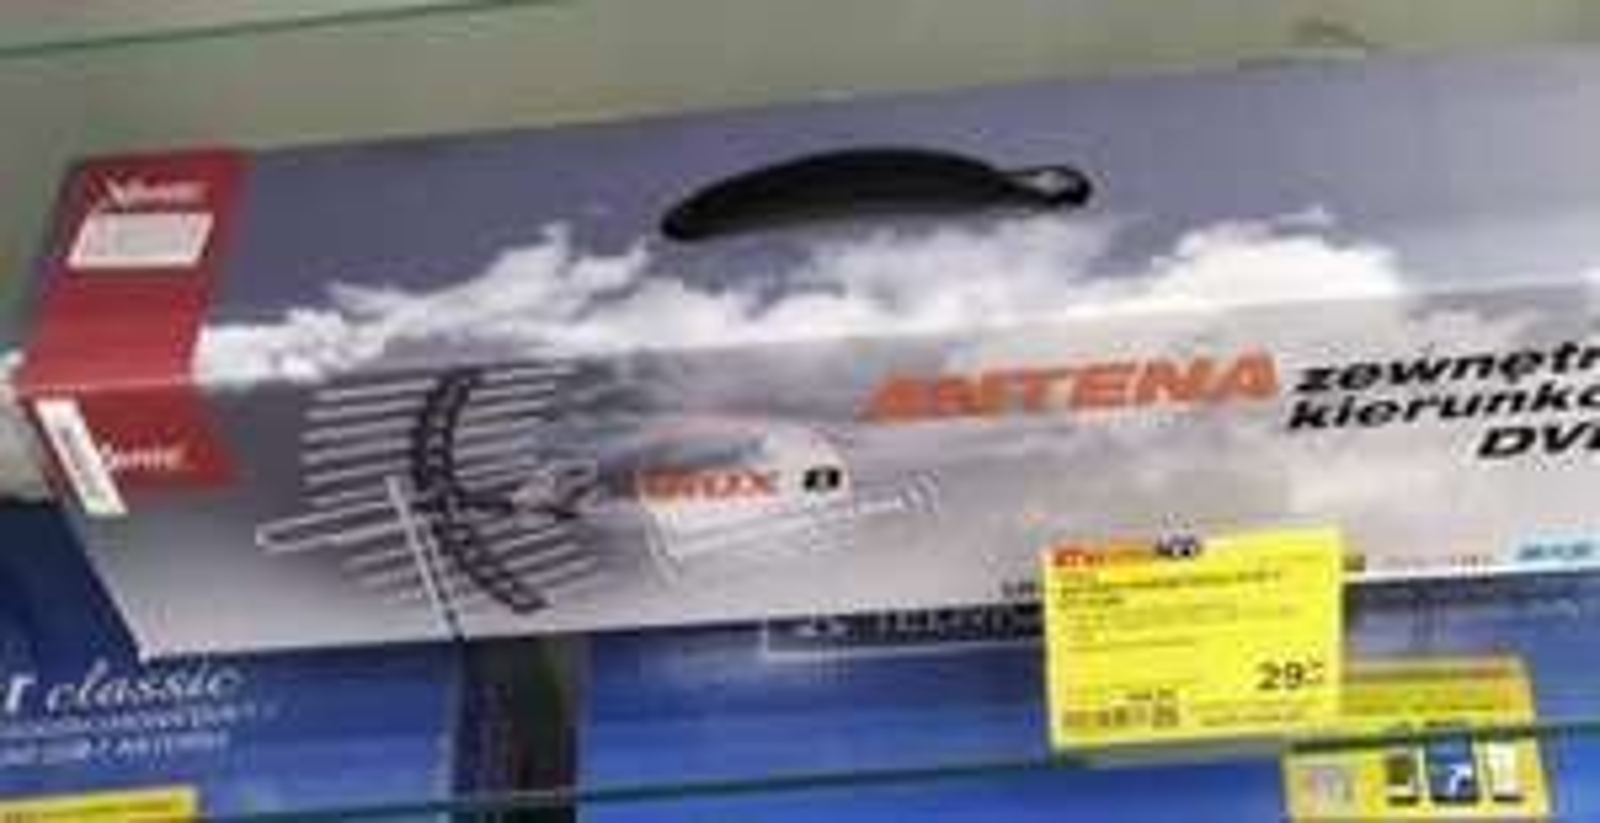 Antena Xenic DVB-T GT-970B @ RTV euro AGD